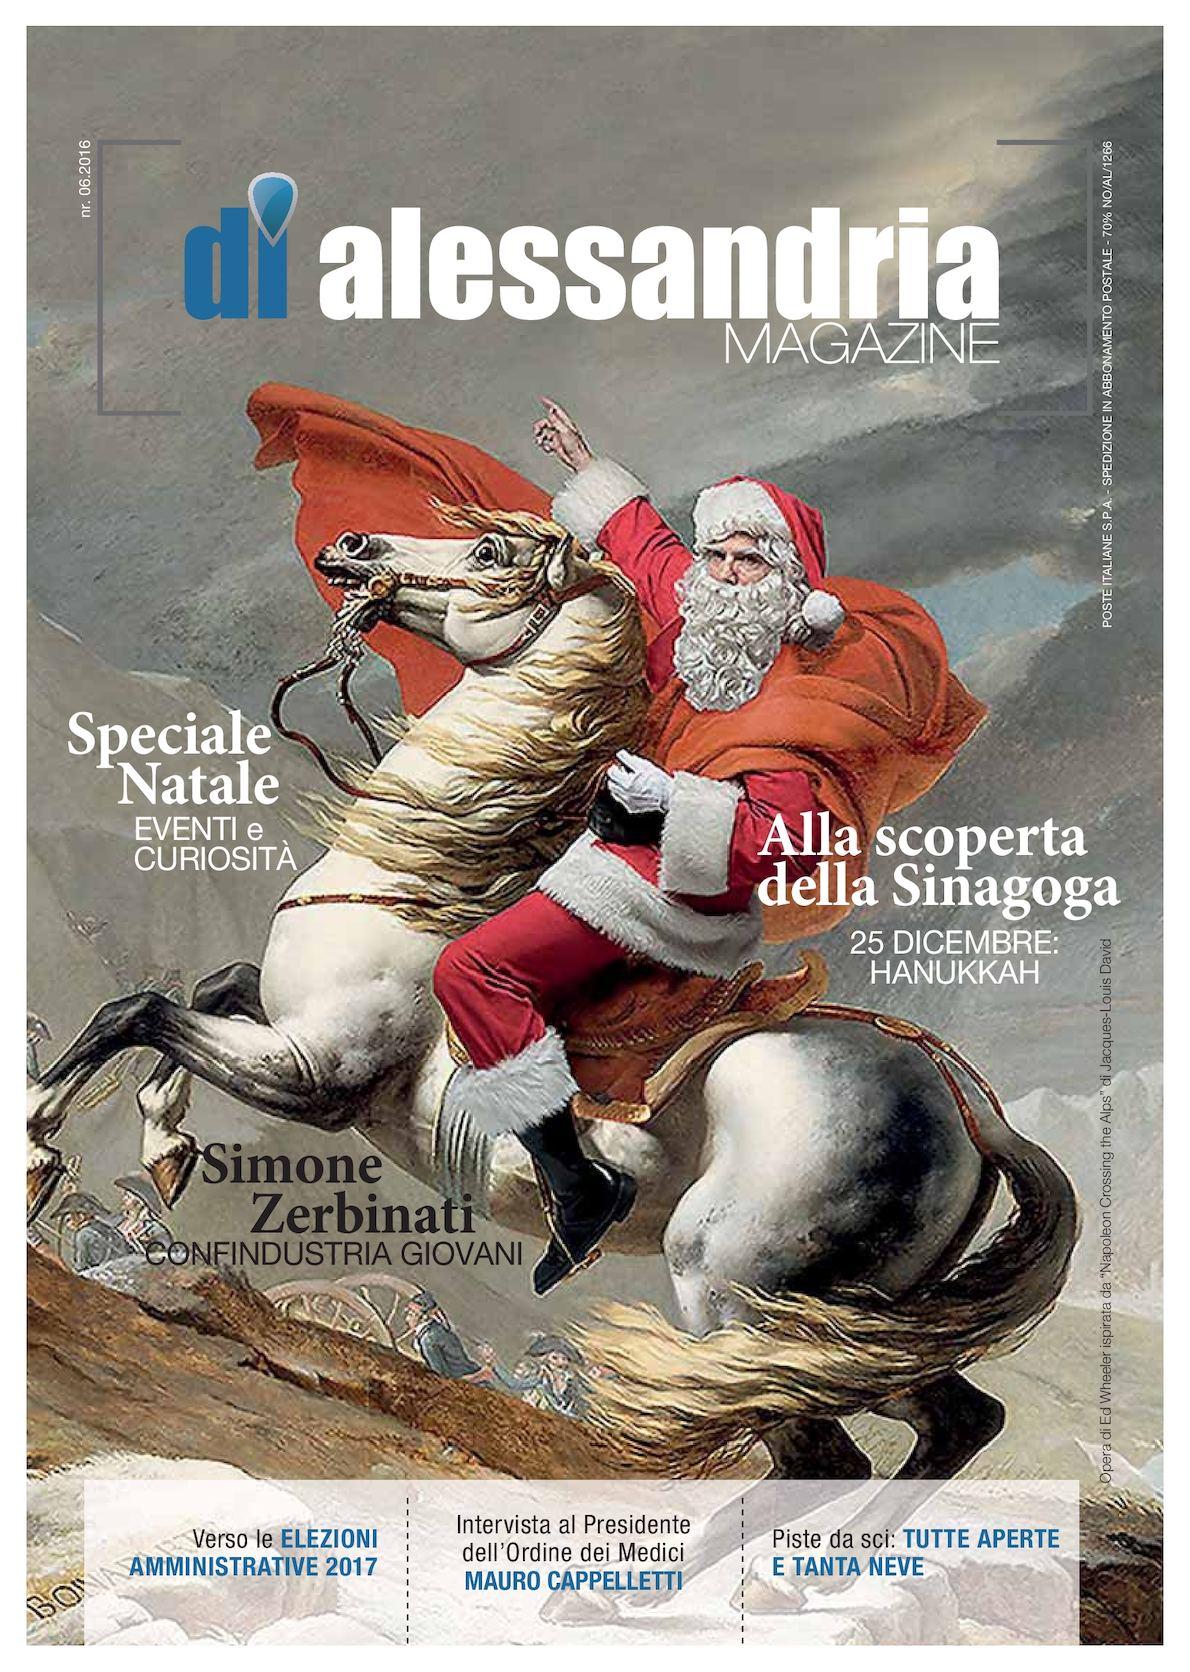 calaméo - 2016 dialessandria magazine uscita 06 pdf